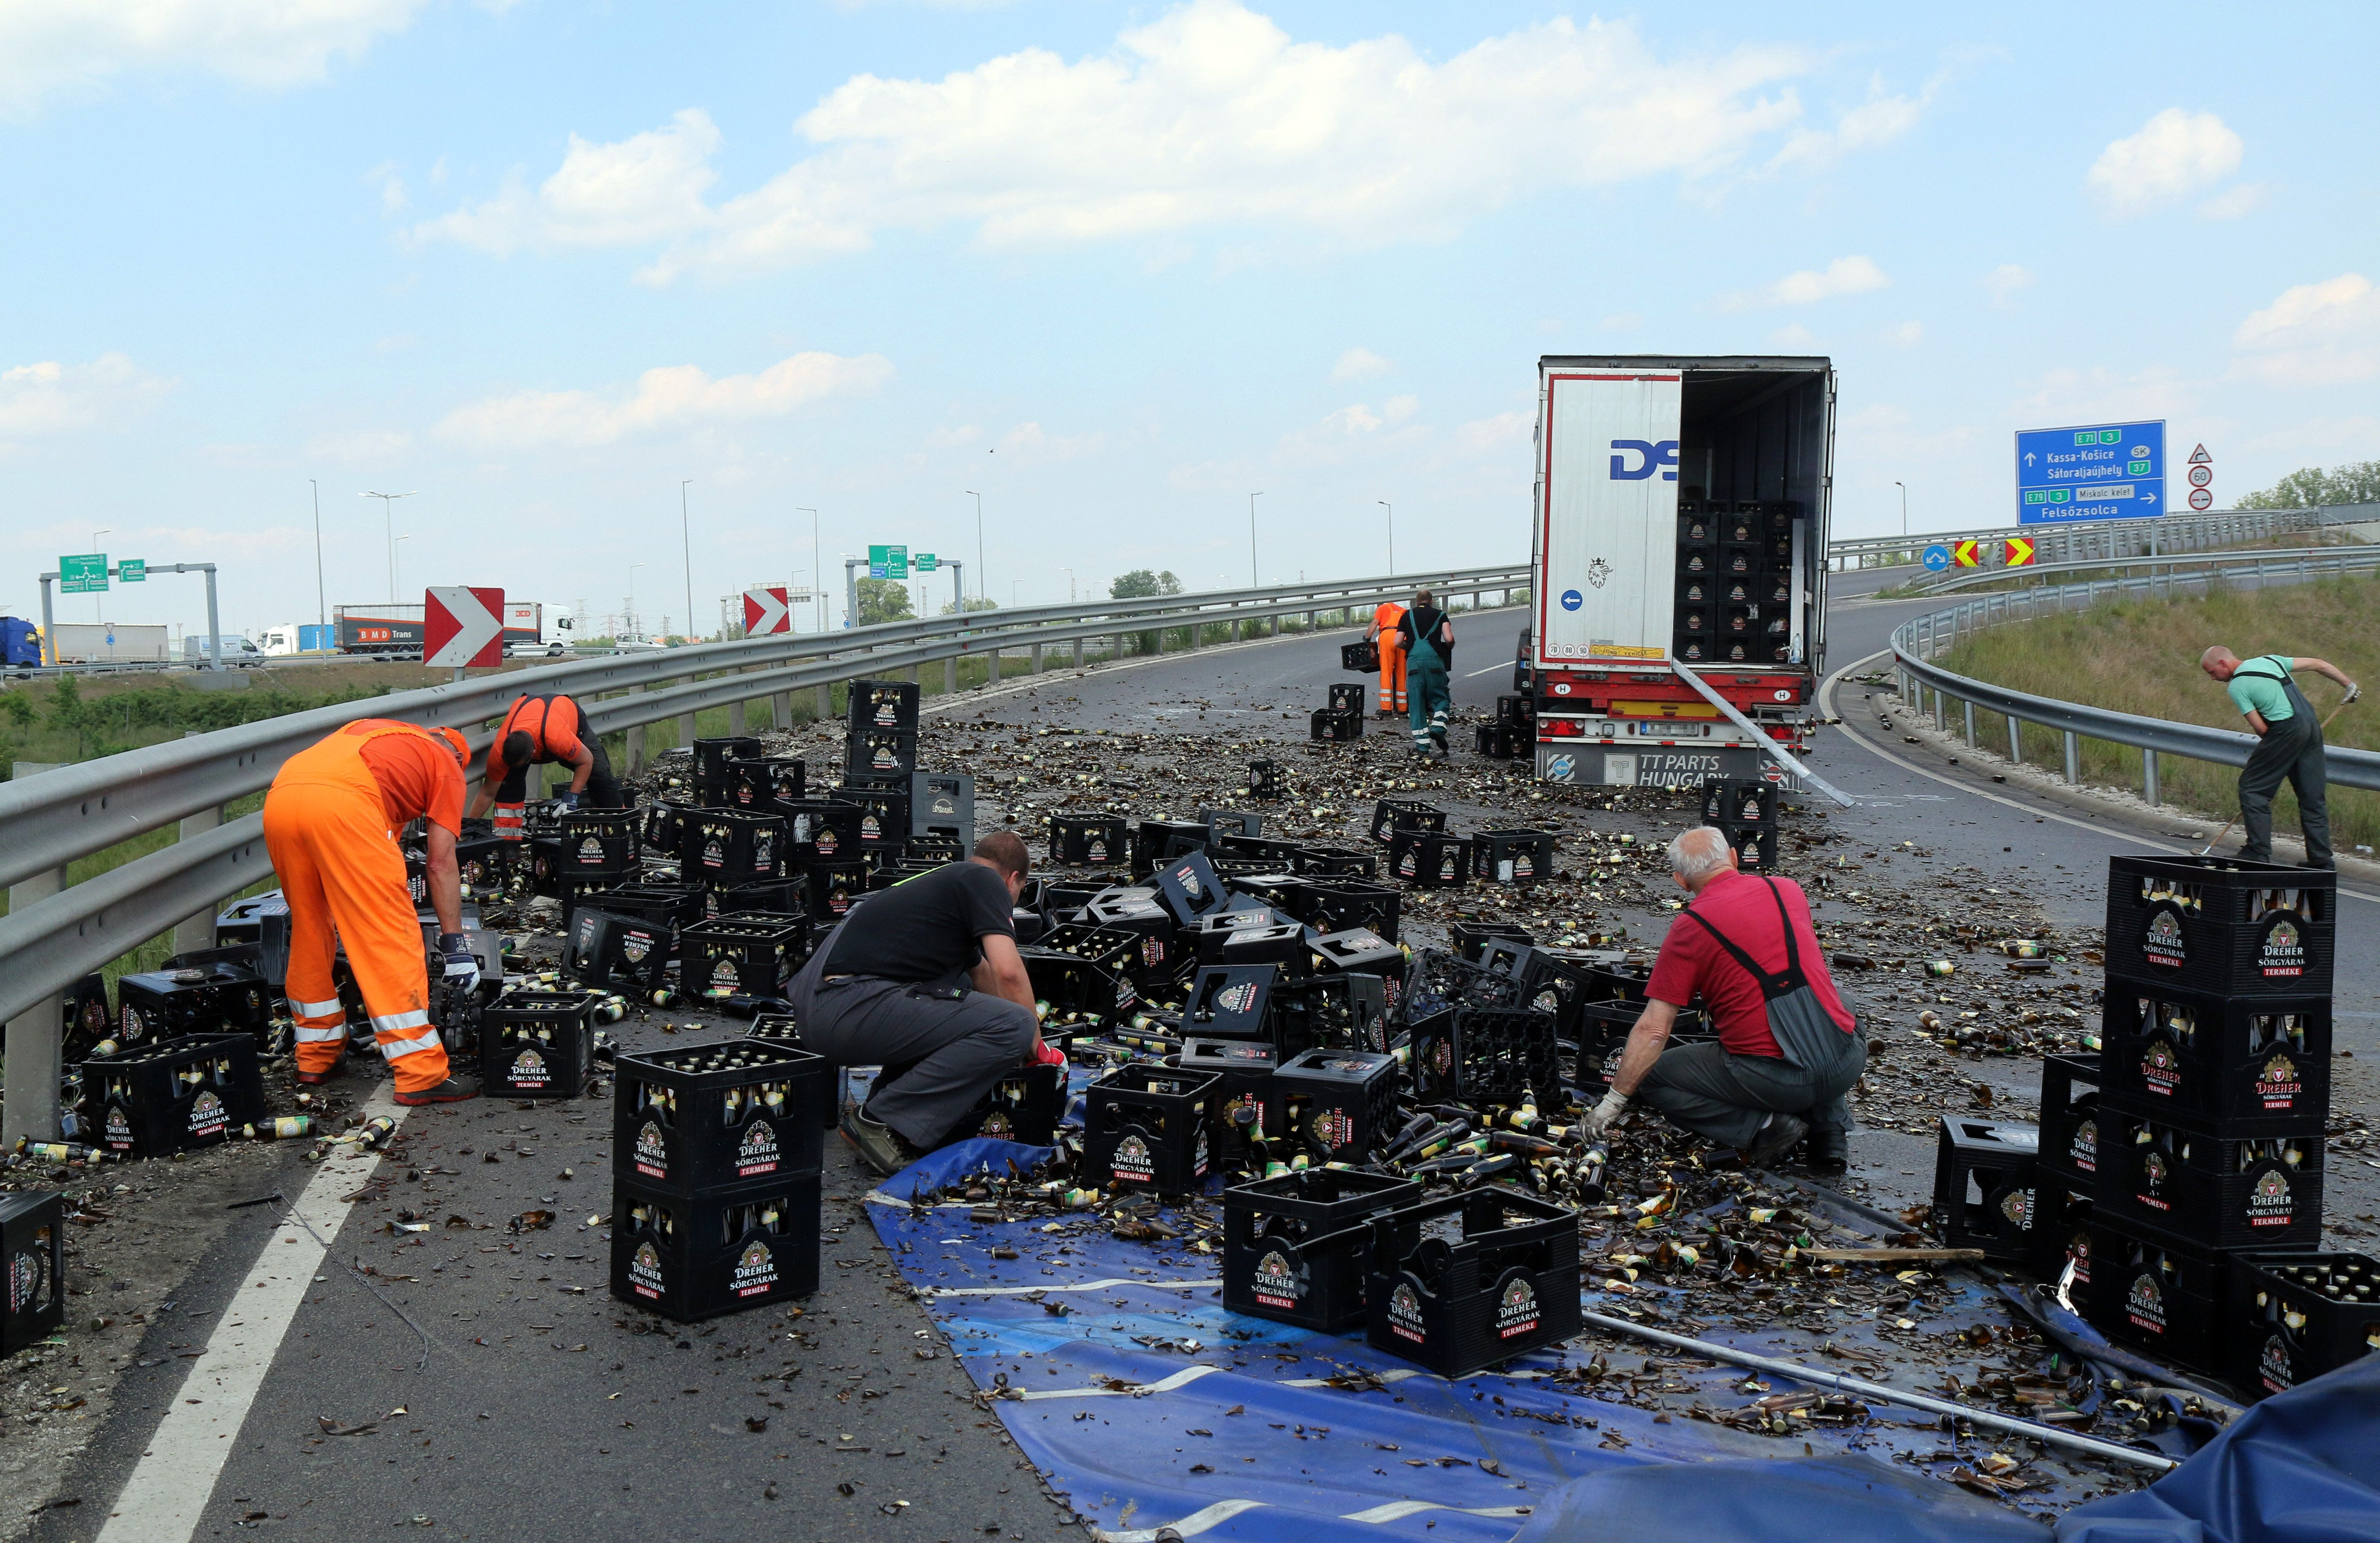 Egy teherautóról az úttestre esett és összetört sörösüvegeket takarítják el az M30-as autópálya lehajtóján Miskolc határában 2020. május 18-án. A kanyarban a teherautó rakományának egy része az úttestre borult. MTI/Vajda János